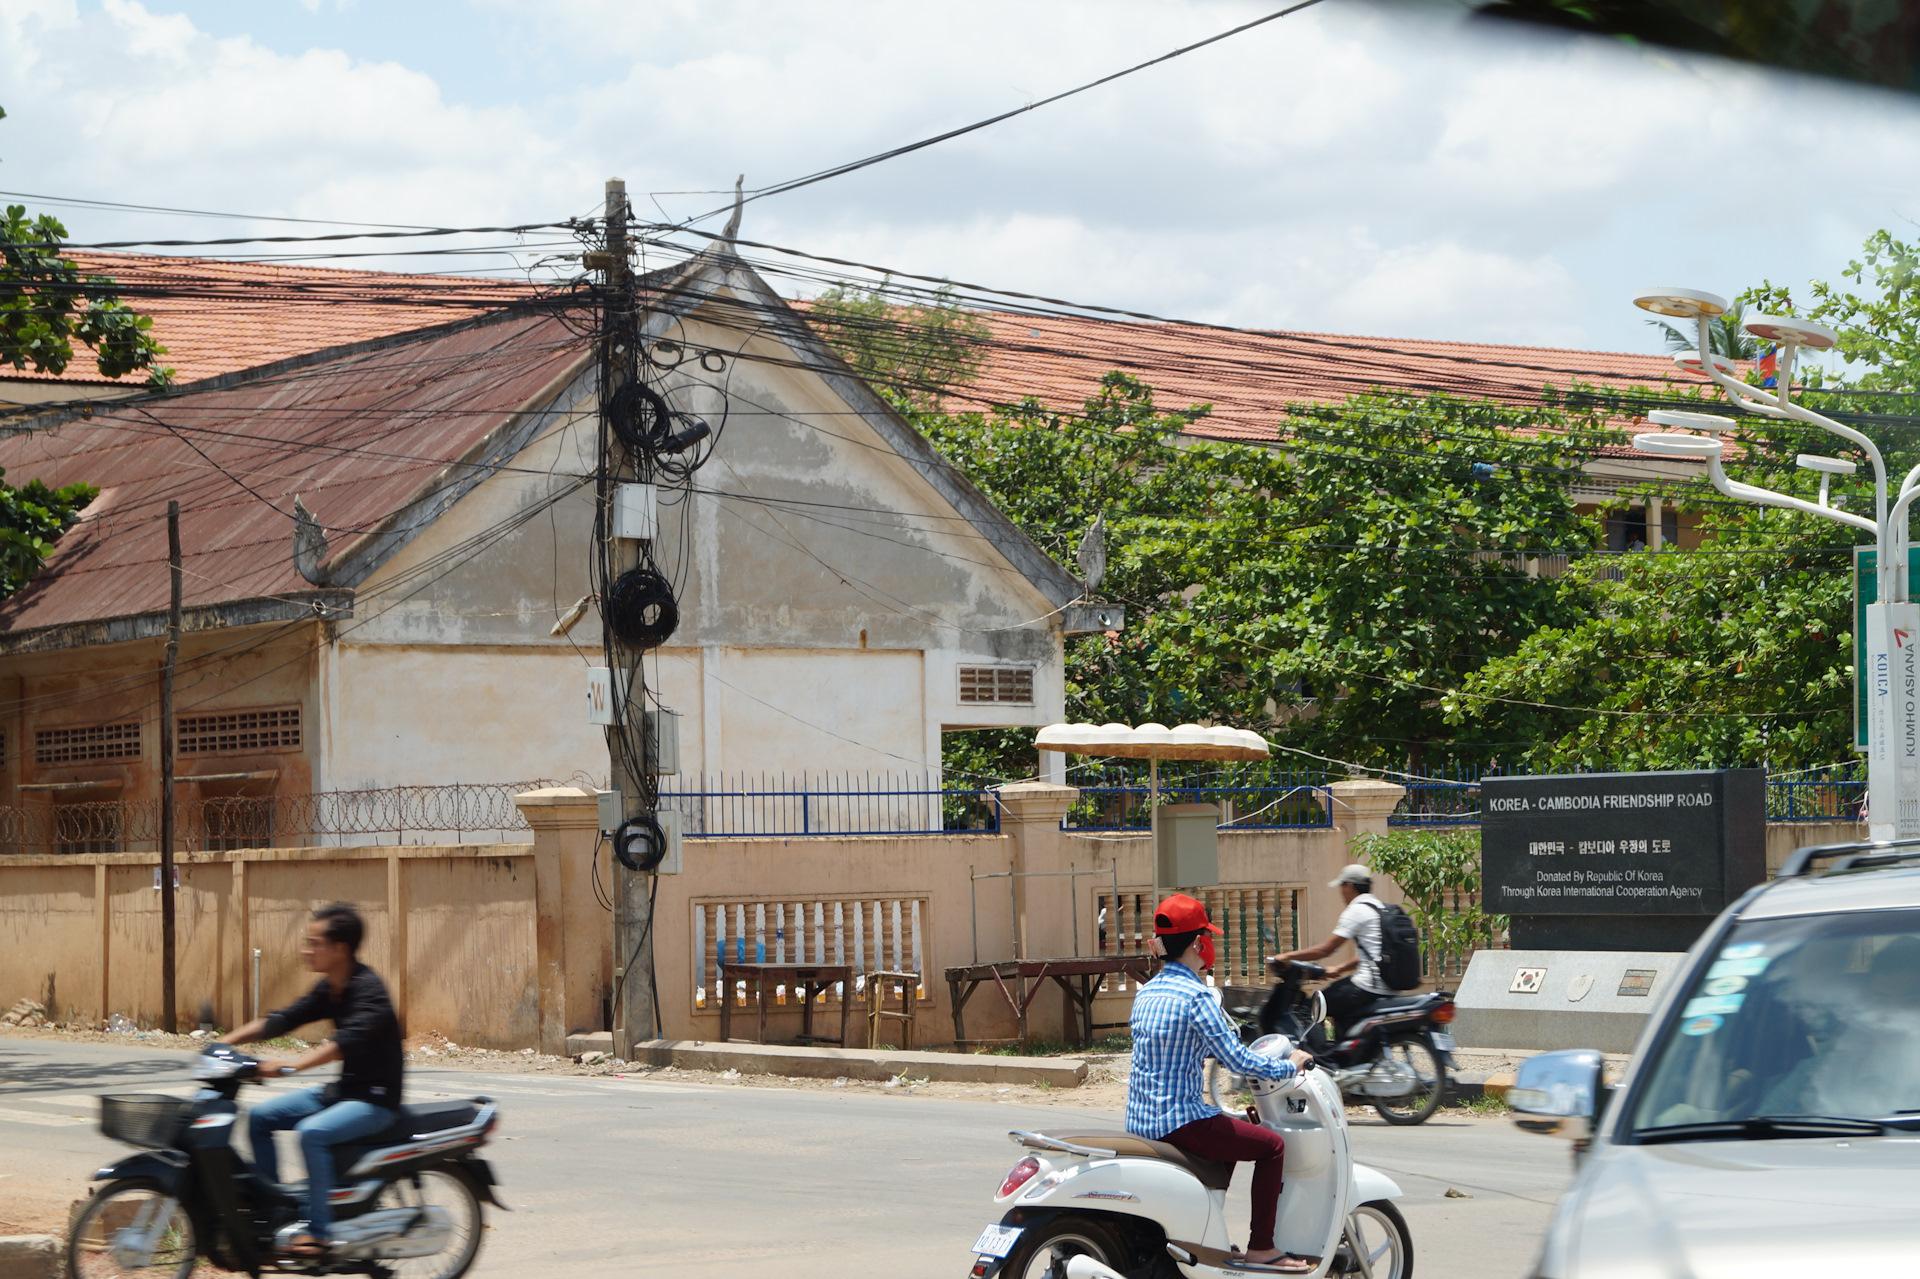 что жало блог фотографа путешественника о камбодже играть другом, можно